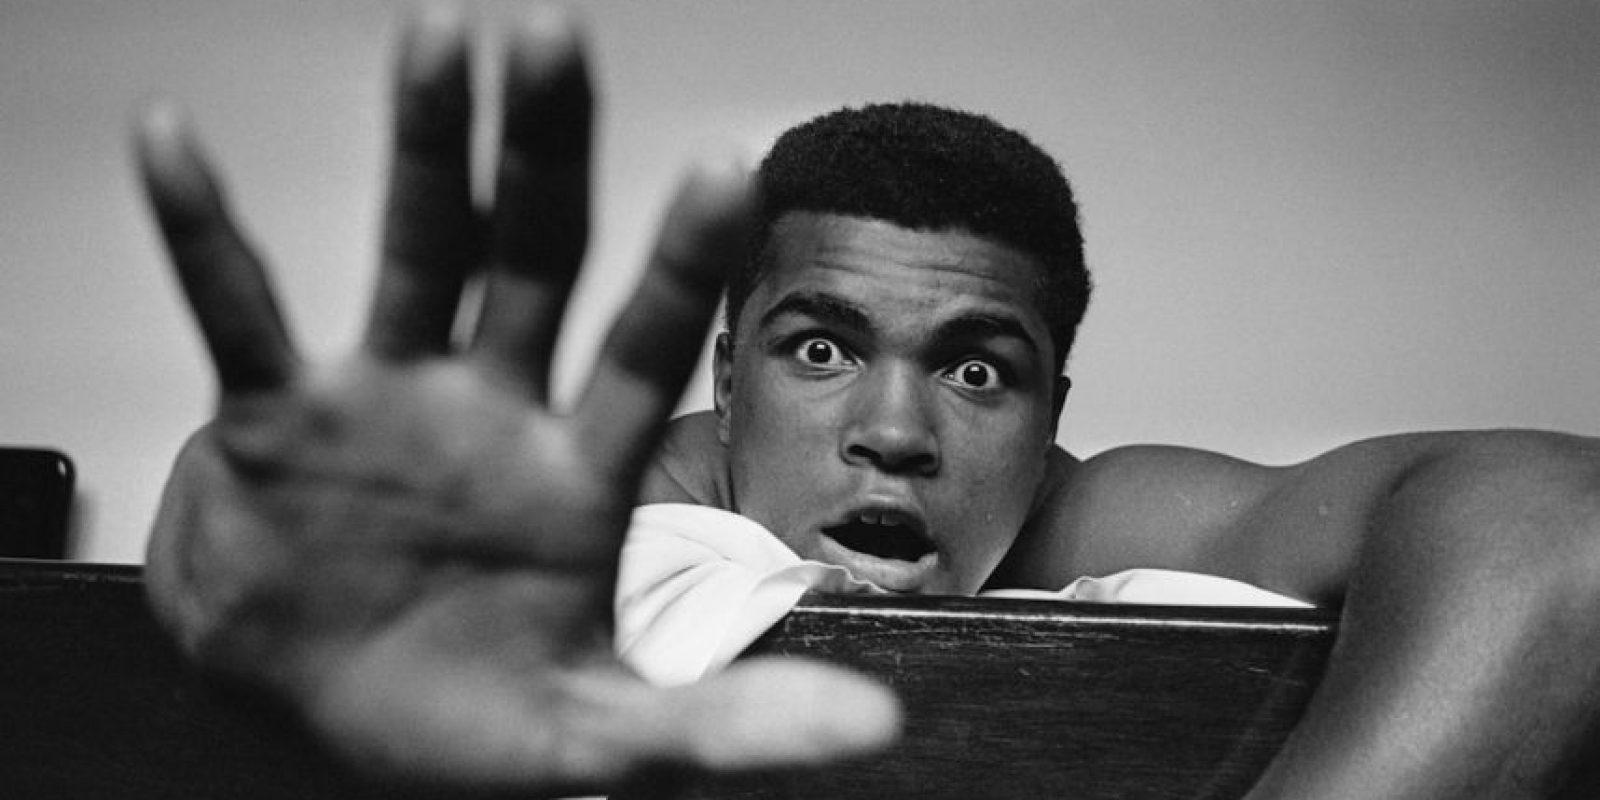 """El considerado mejor boxeador de la historia aseguró que era tan talentoso que podría triunfar en cualquier disciplina: """"En el golf también soy el mejor, sólo que todavía no he jugado"""". Foto:Getty Images"""